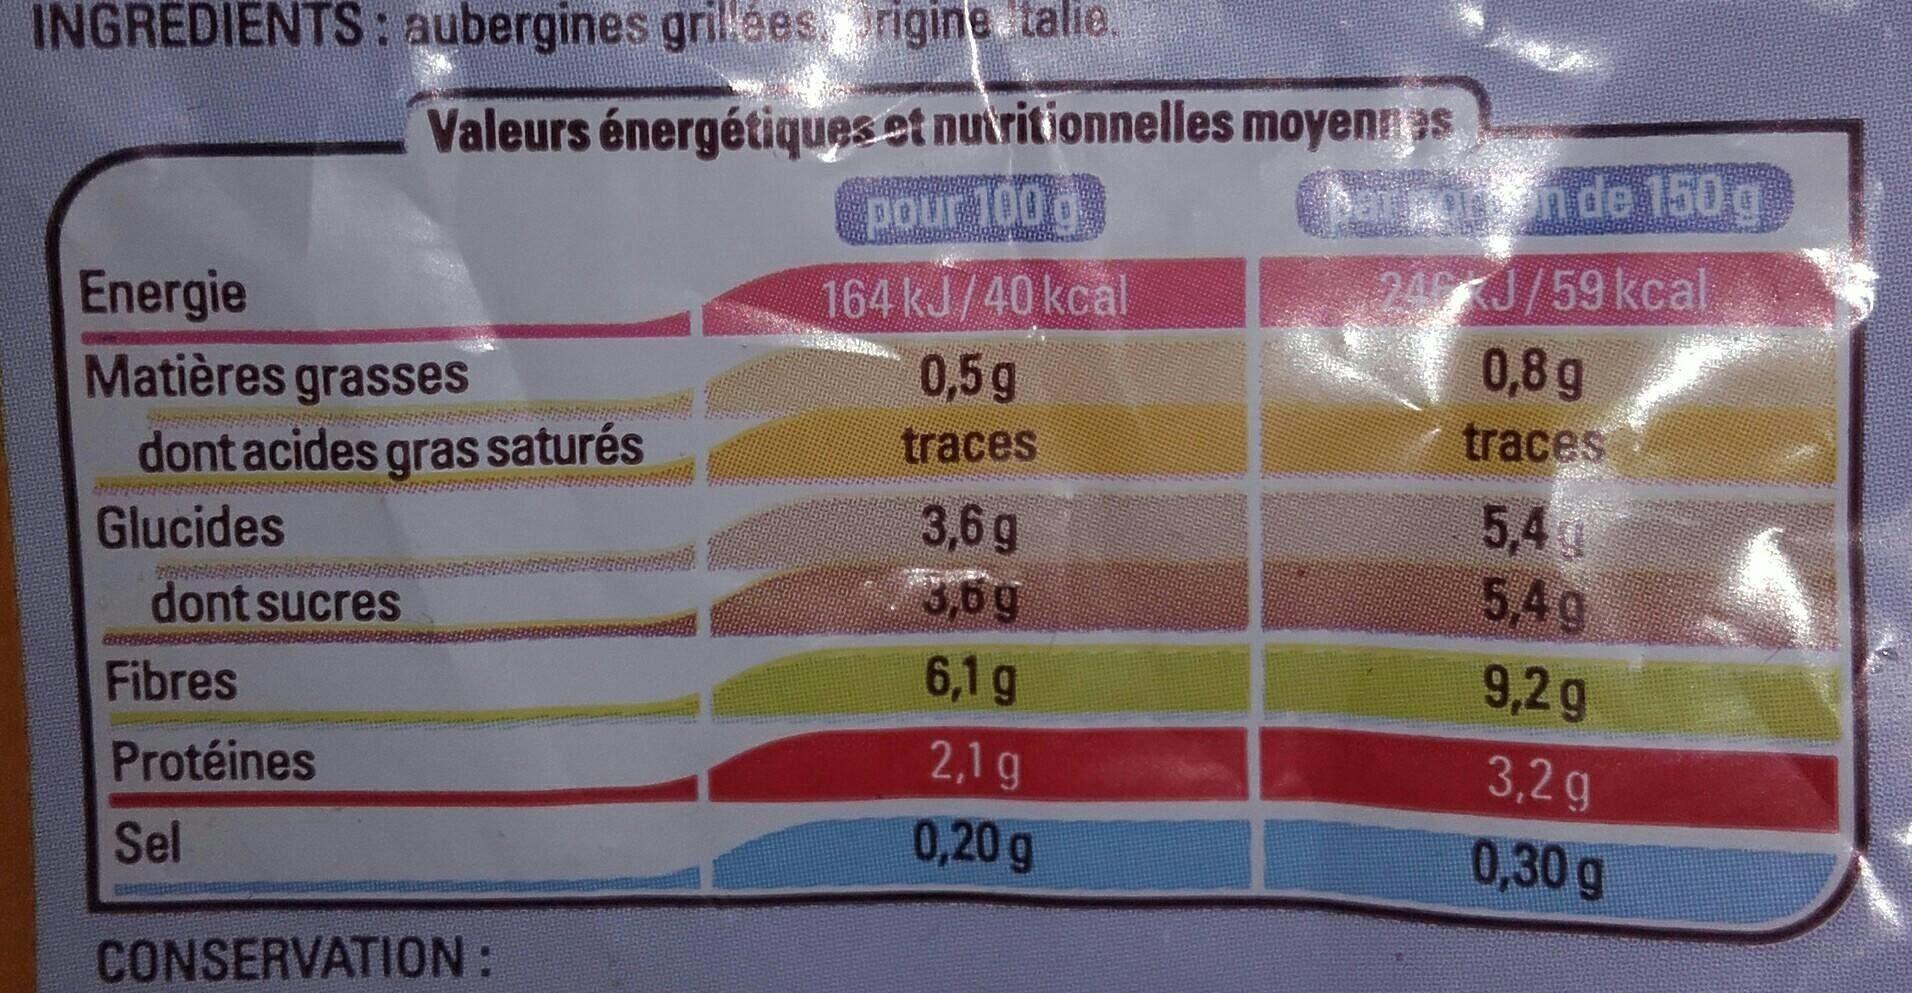 Aubergines grillées en tranches - Valori nutrizionali - fr